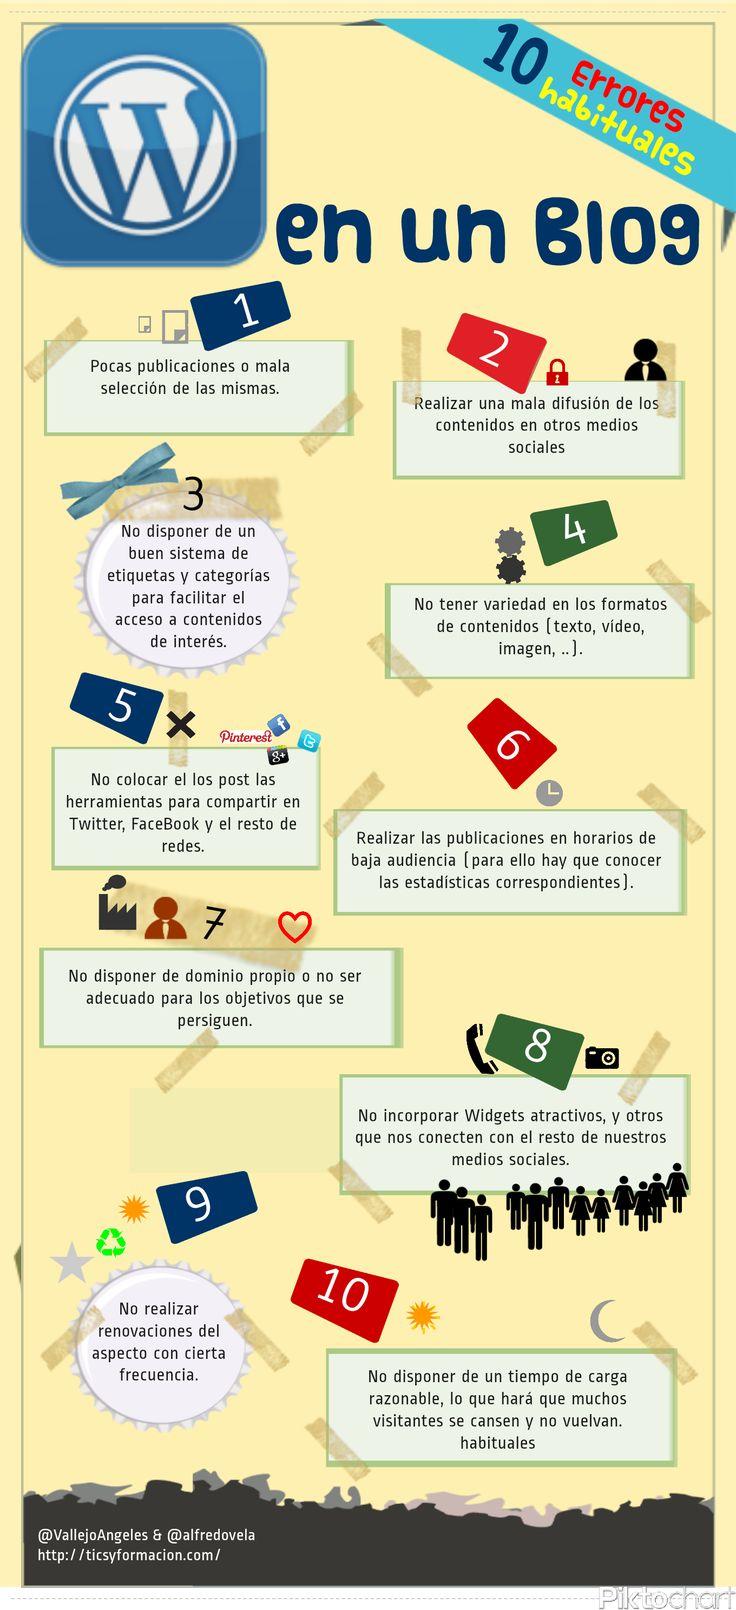 10 errores habituales en un Blog #infografia #infographic #socialmedia